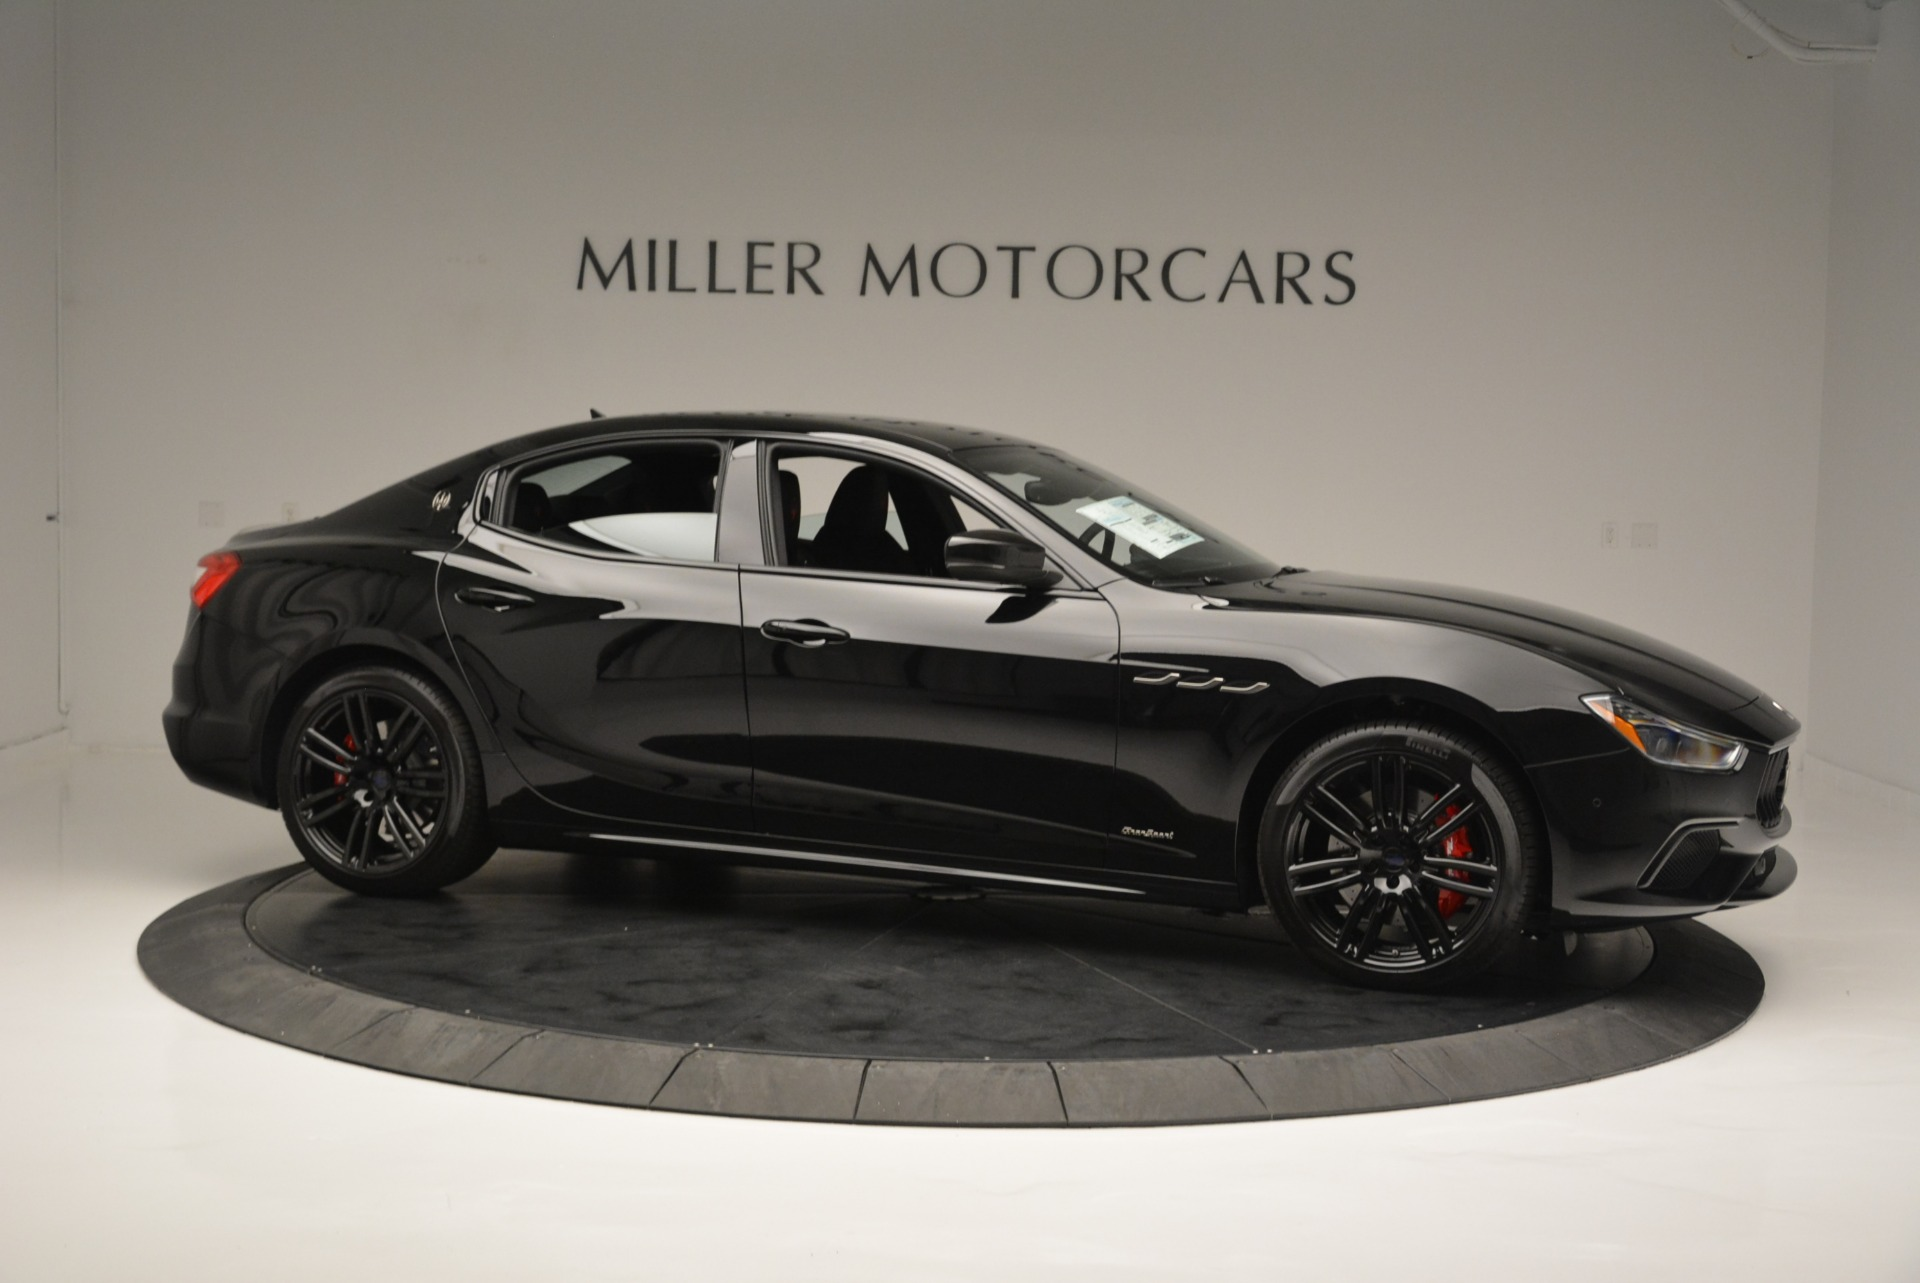 New 2018 Maserati Ghibli SQ4 GranSport Nerissimo For Sale In Greenwich, CT 2372_p10